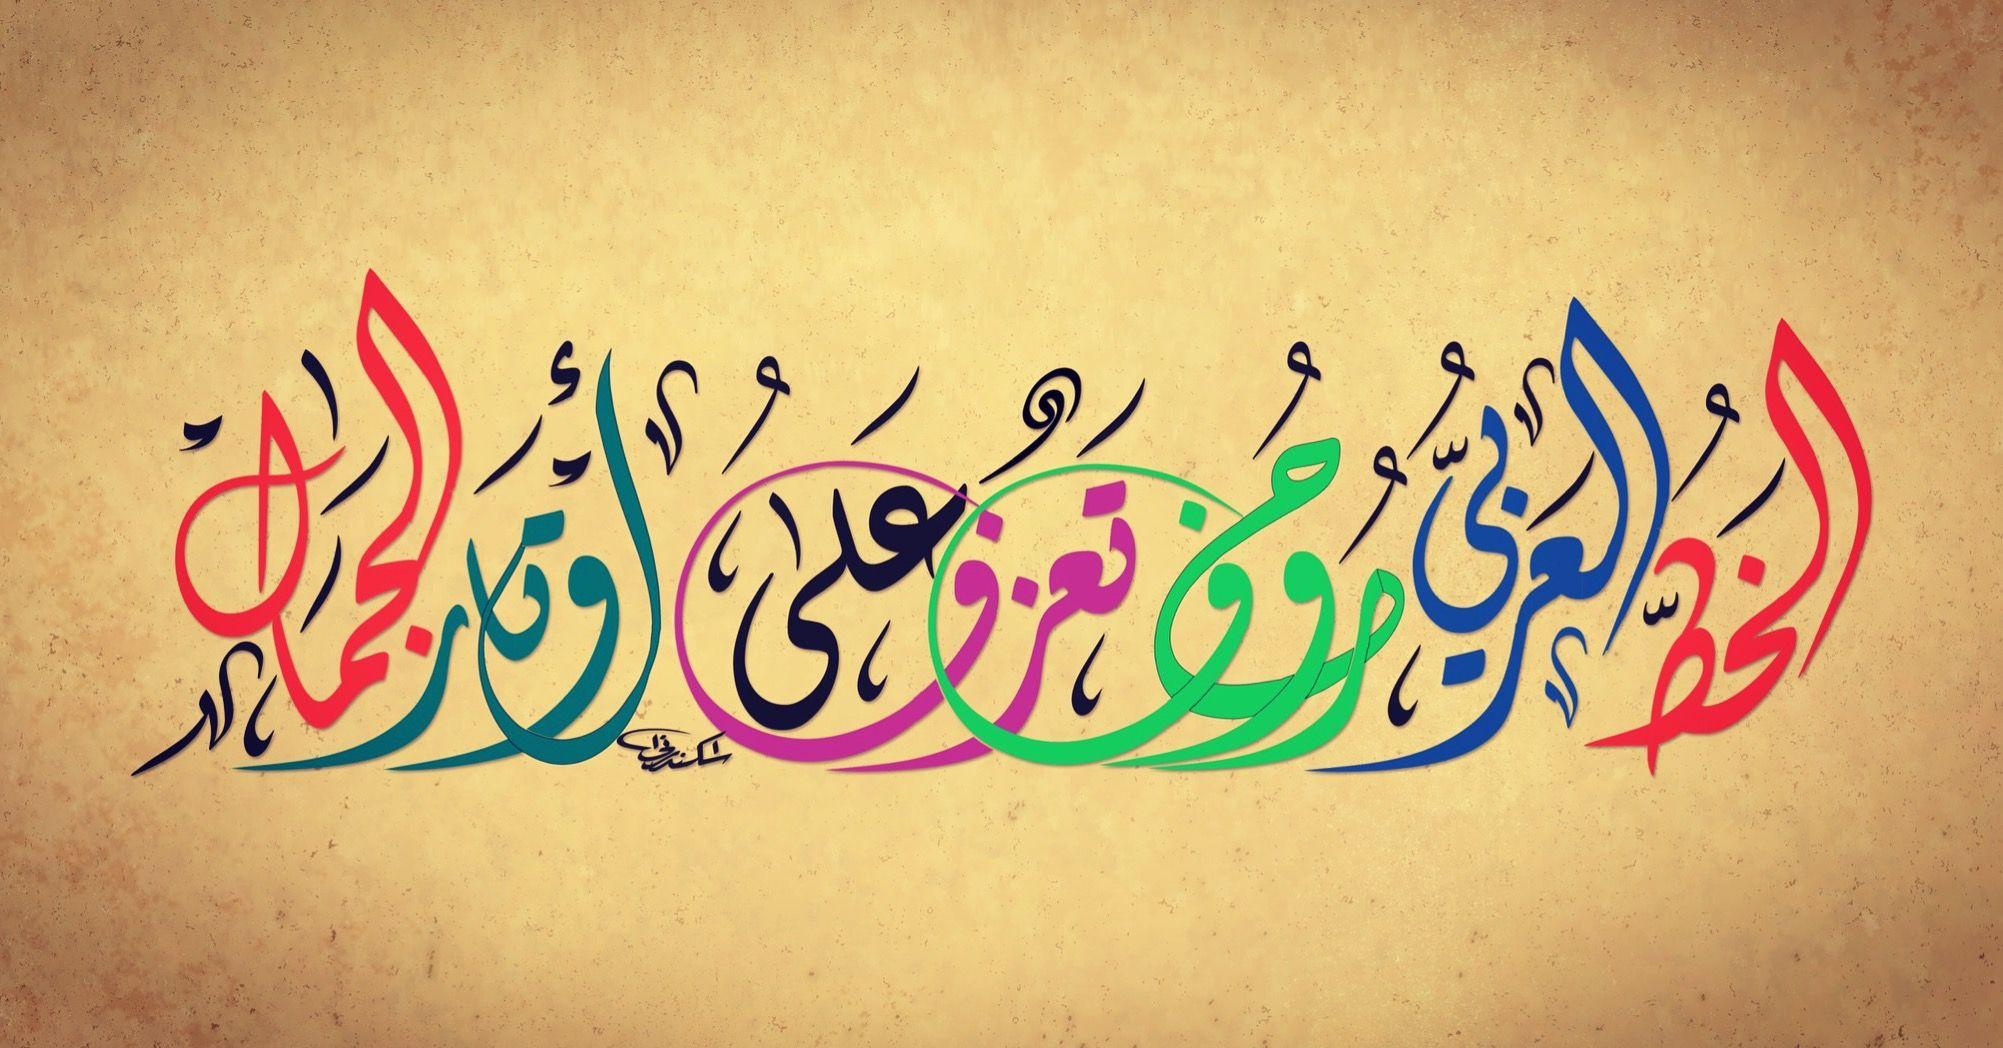 الخط العربي حروف تعزف على أوتار الجمال بخط الخطاط احمد اسكندراني Arabic Art Islamic Art Arabic Calligraphy